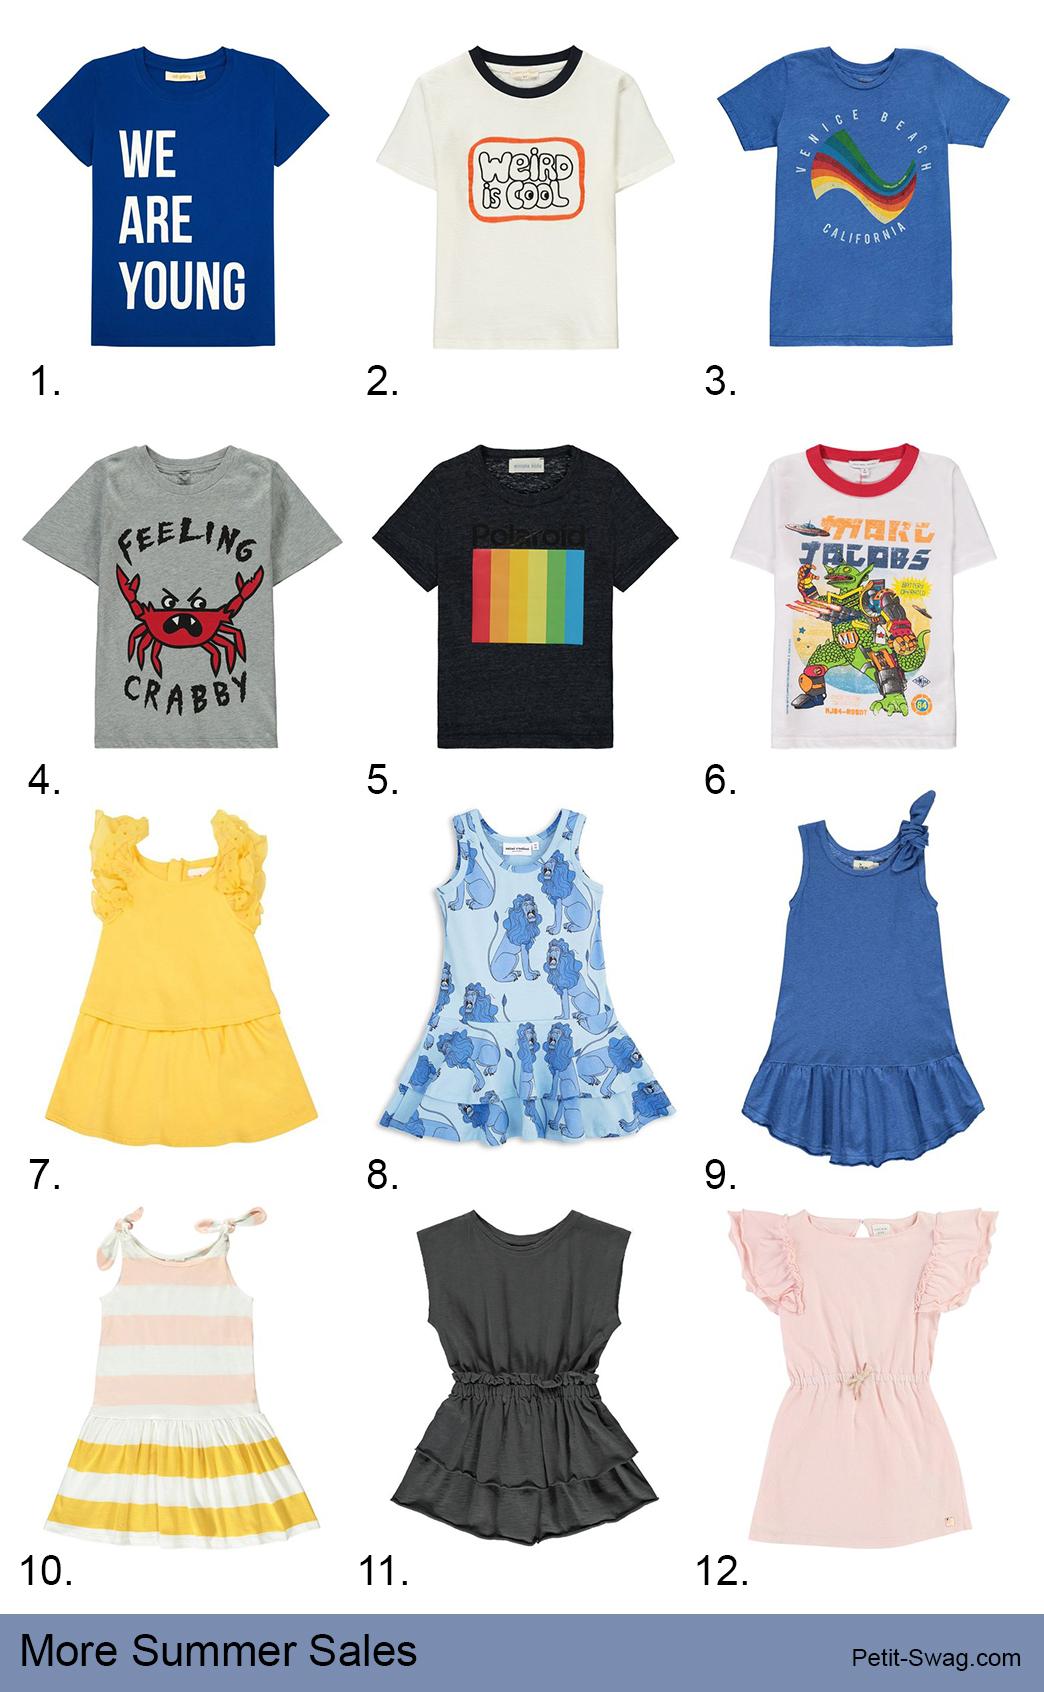 More Summer Sales | Petit-Swag.com